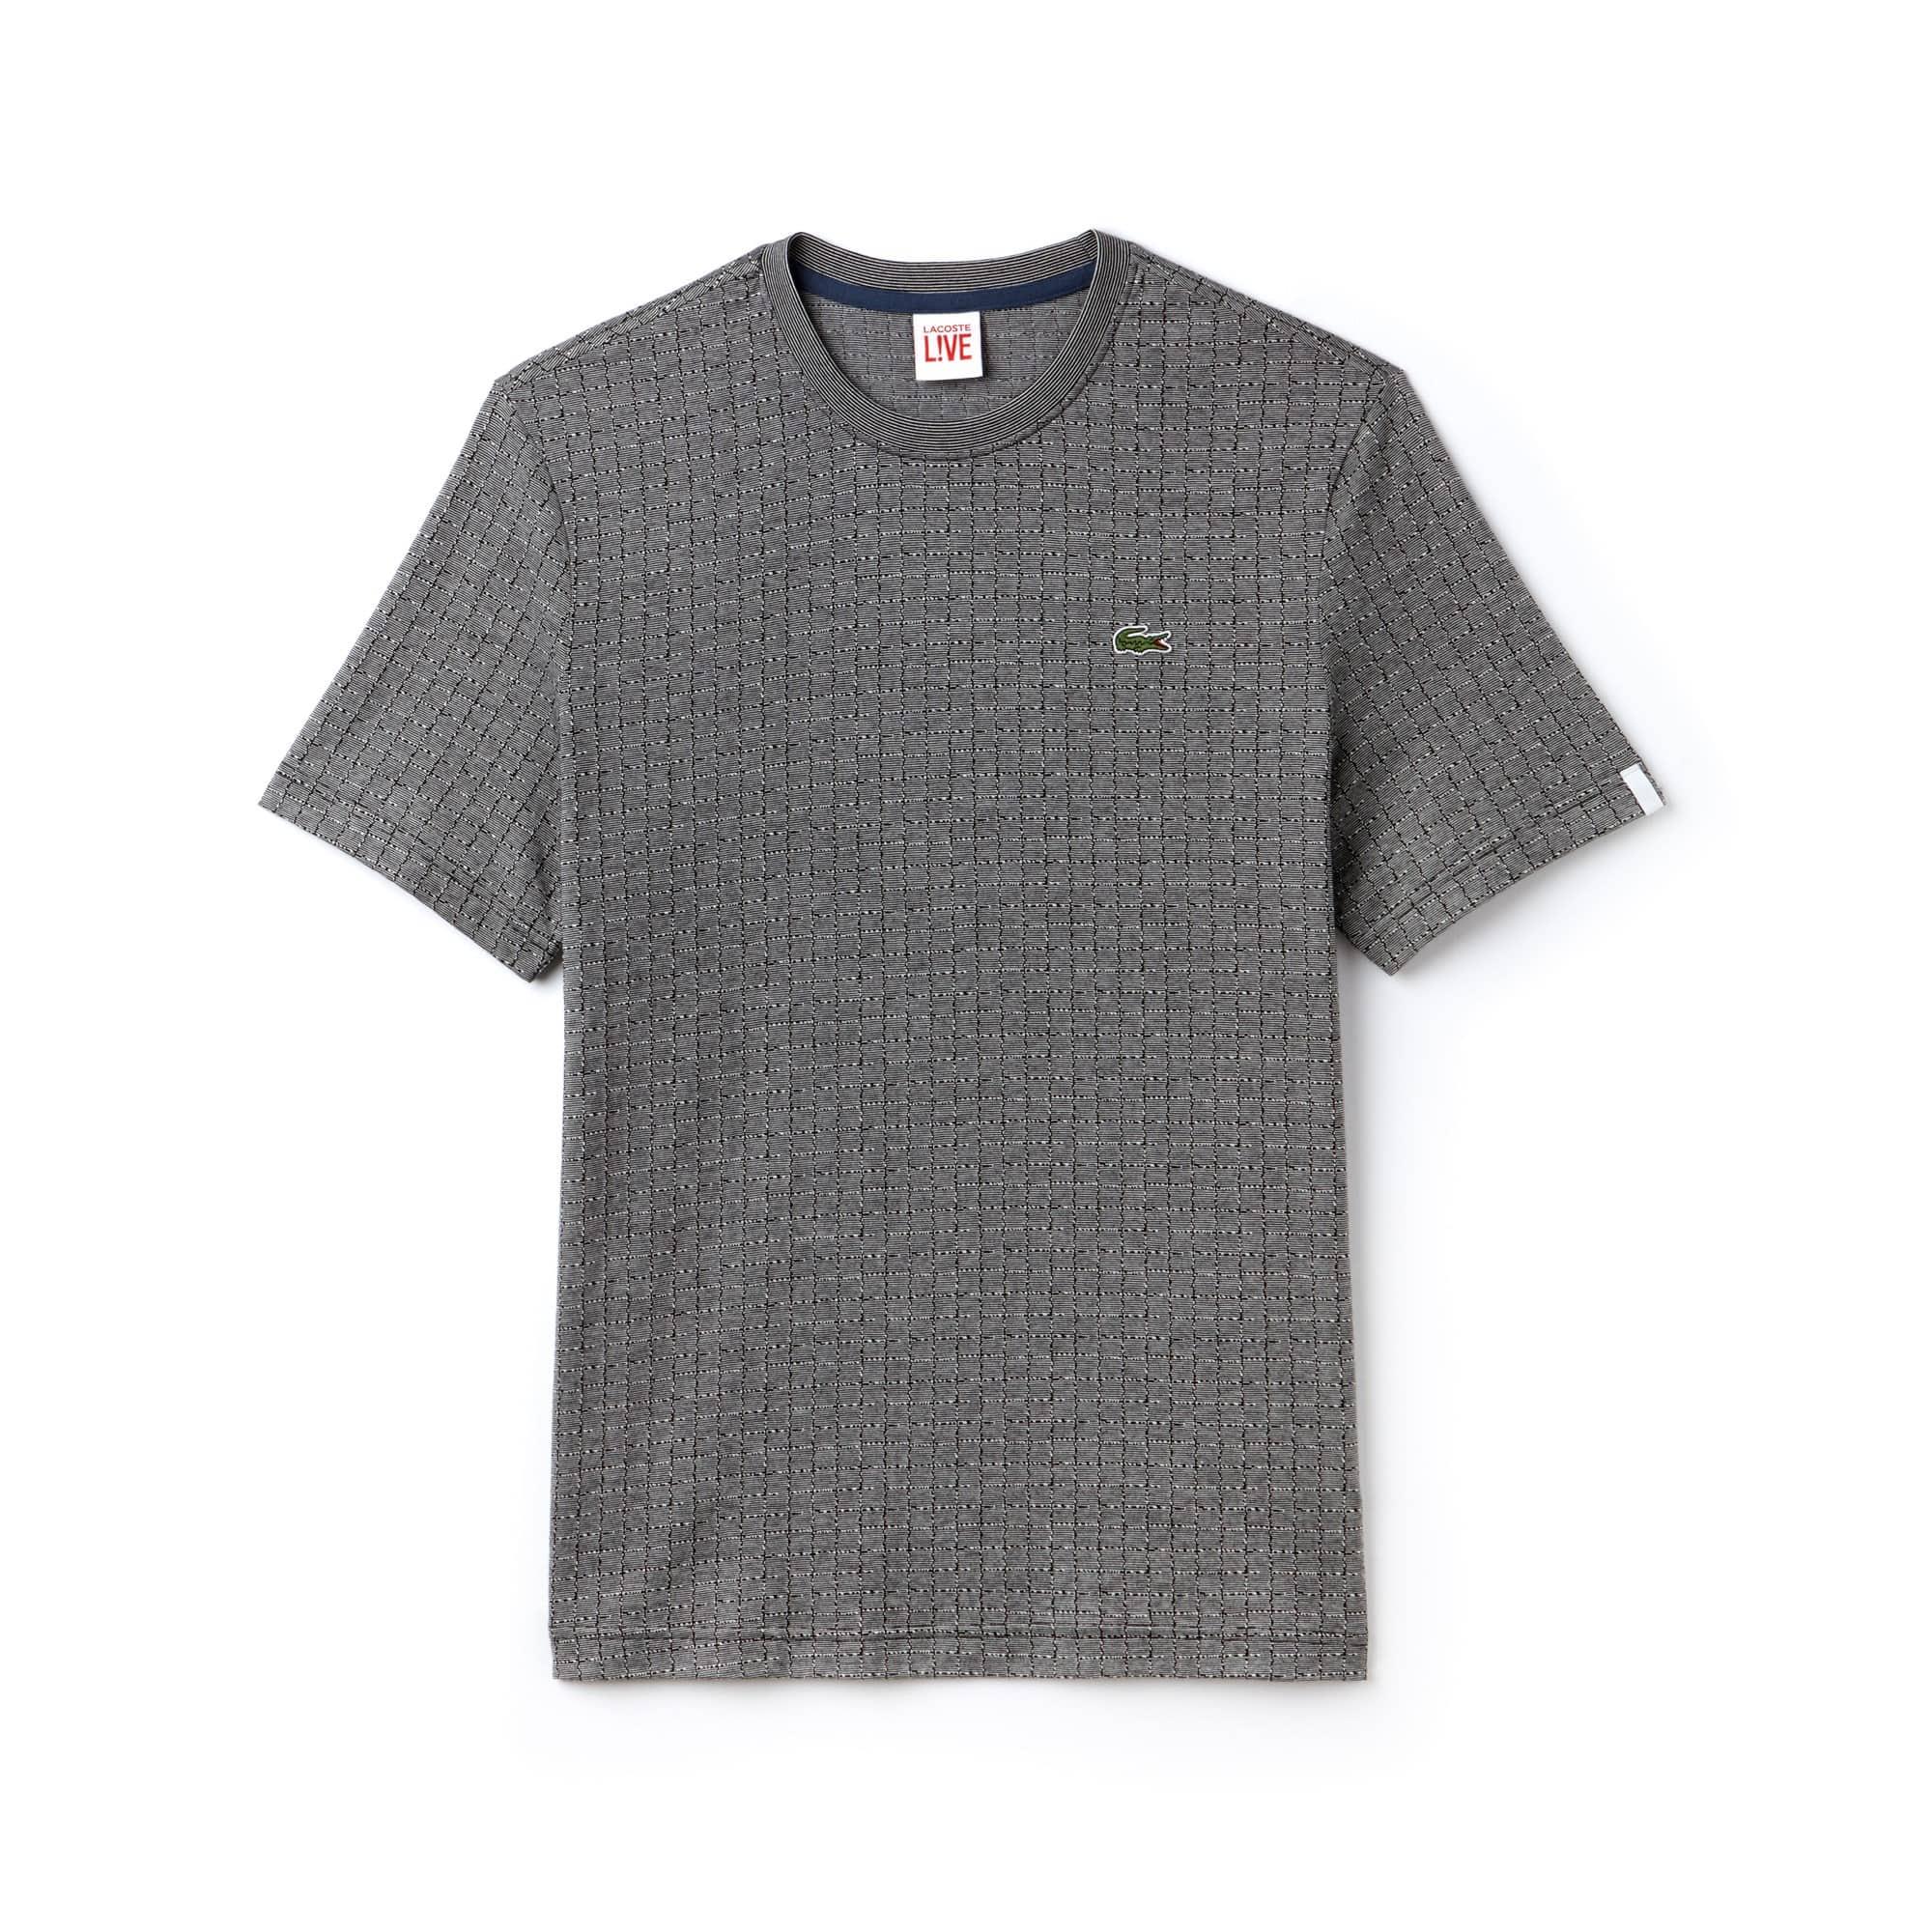 T-shirt com decote redondo Lacoste LIVE em jacquard de algodão impresso